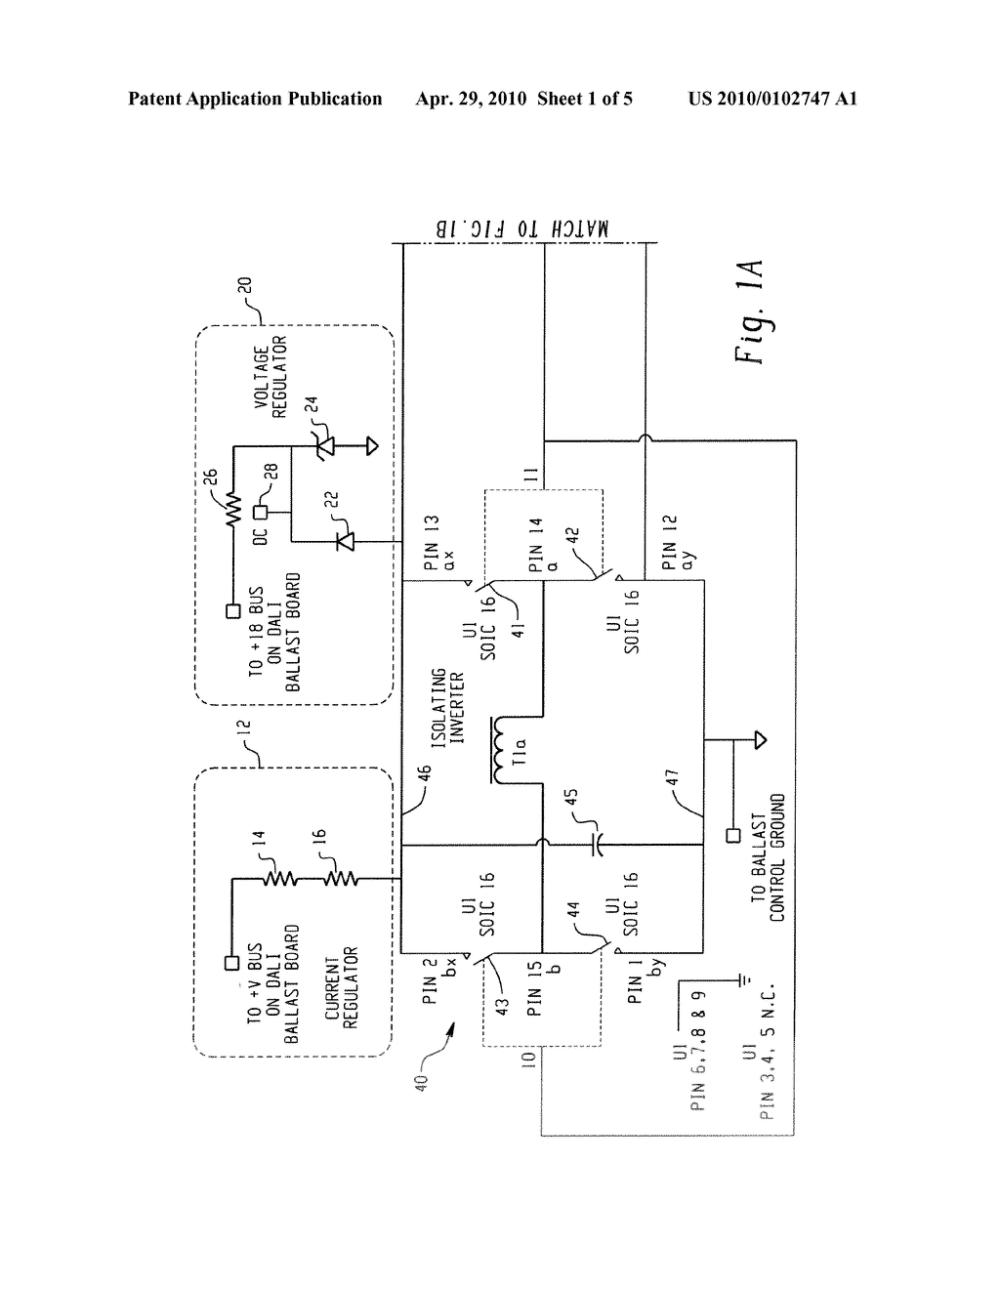 medium resolution of 0 10v wiring diagram free wiring diagram for you u2022 lutron 0 10v dimming wiring diagram 0 10v dimmer wiring diagram